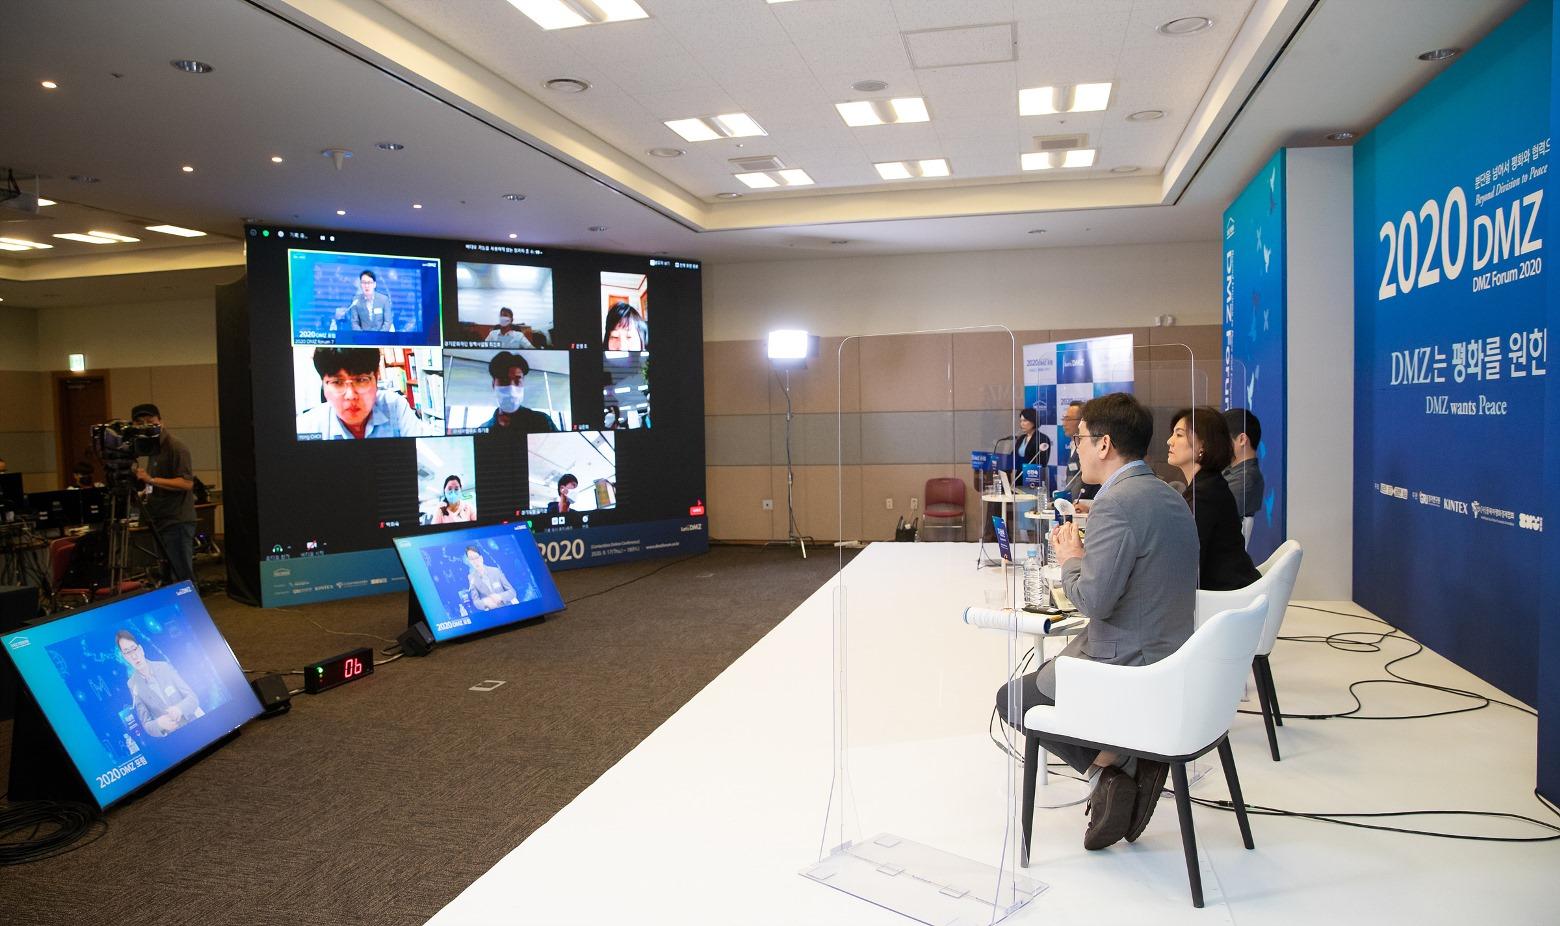 2020 DMZ Forum 이모저모